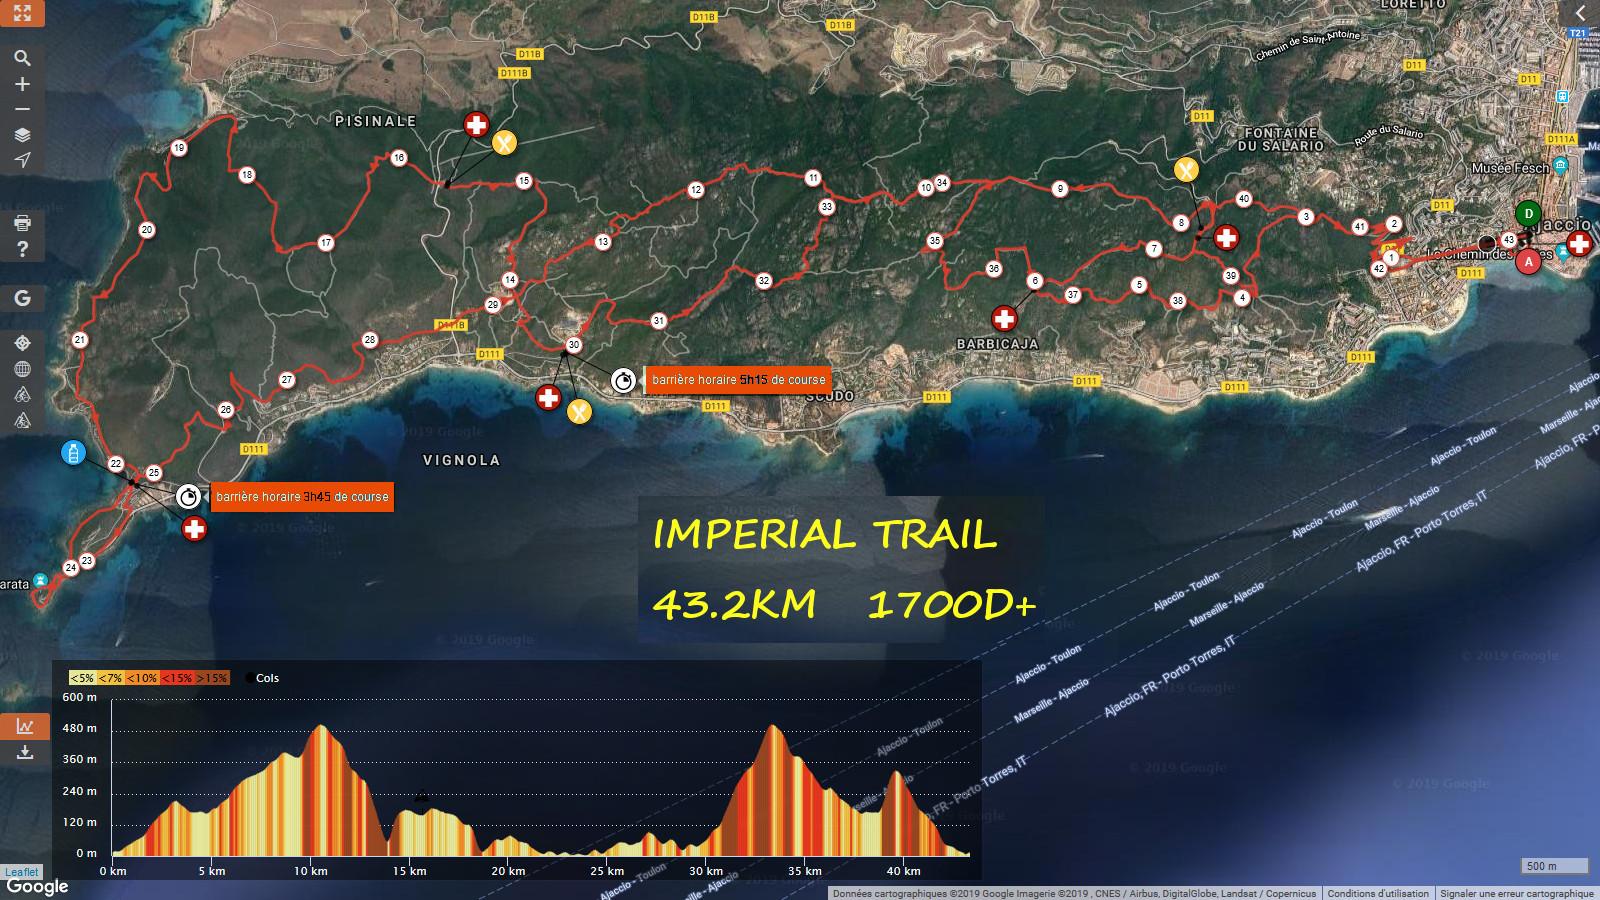 Parcours Trail Imperial (43 km) Détaillé (Maj 01/08/2018)